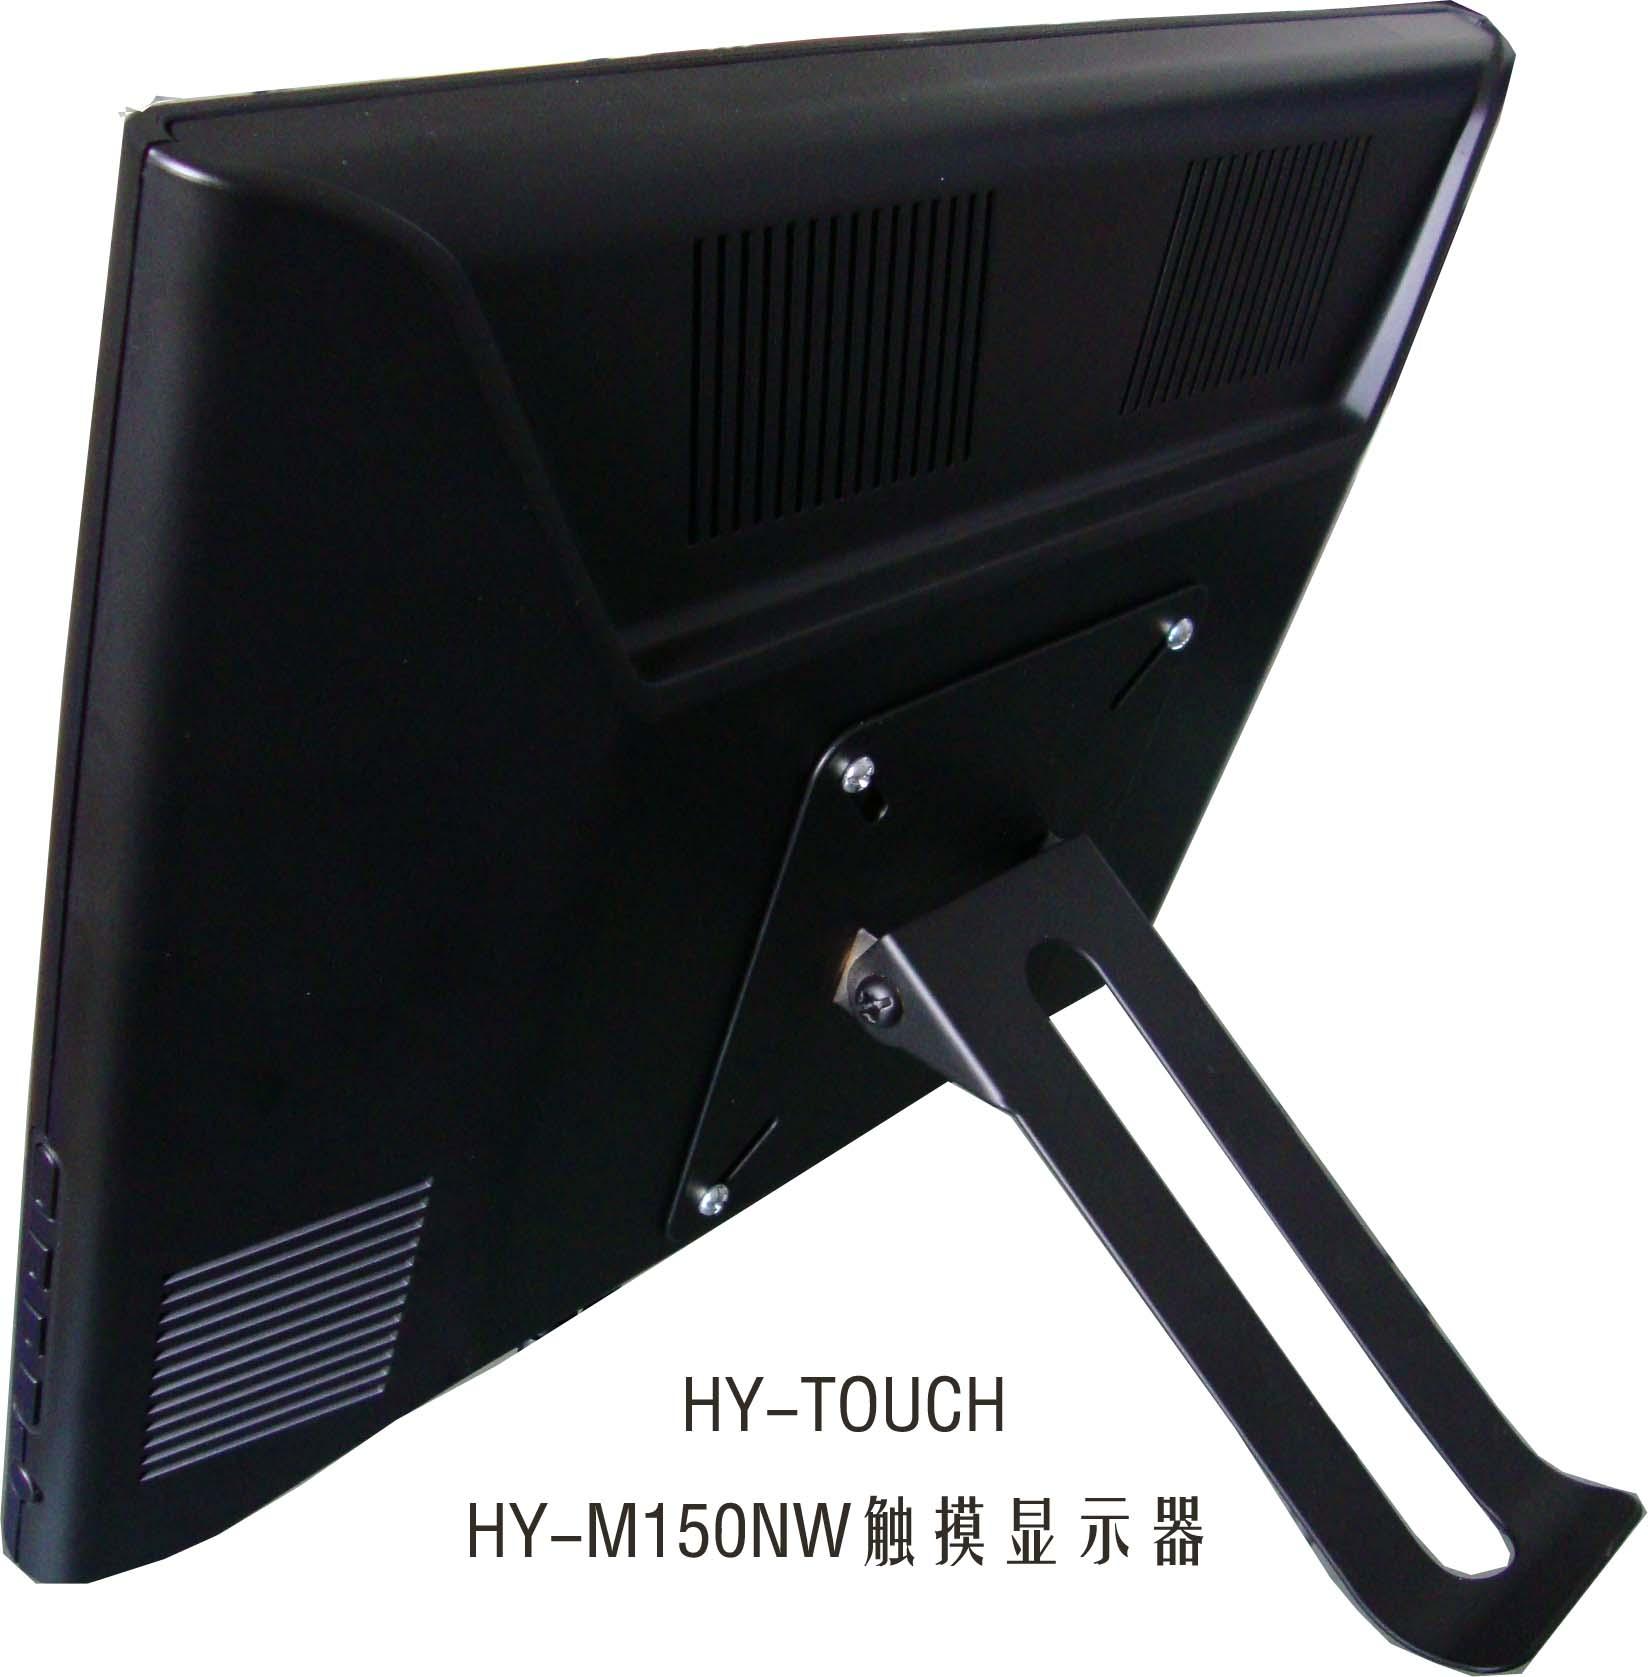 Периферия, Аксессуары Плоские панели LCD монитор стенд, база сенсорный экран, поддержка сенсорного экрана, сенсорный экран на монитор настенное крепление